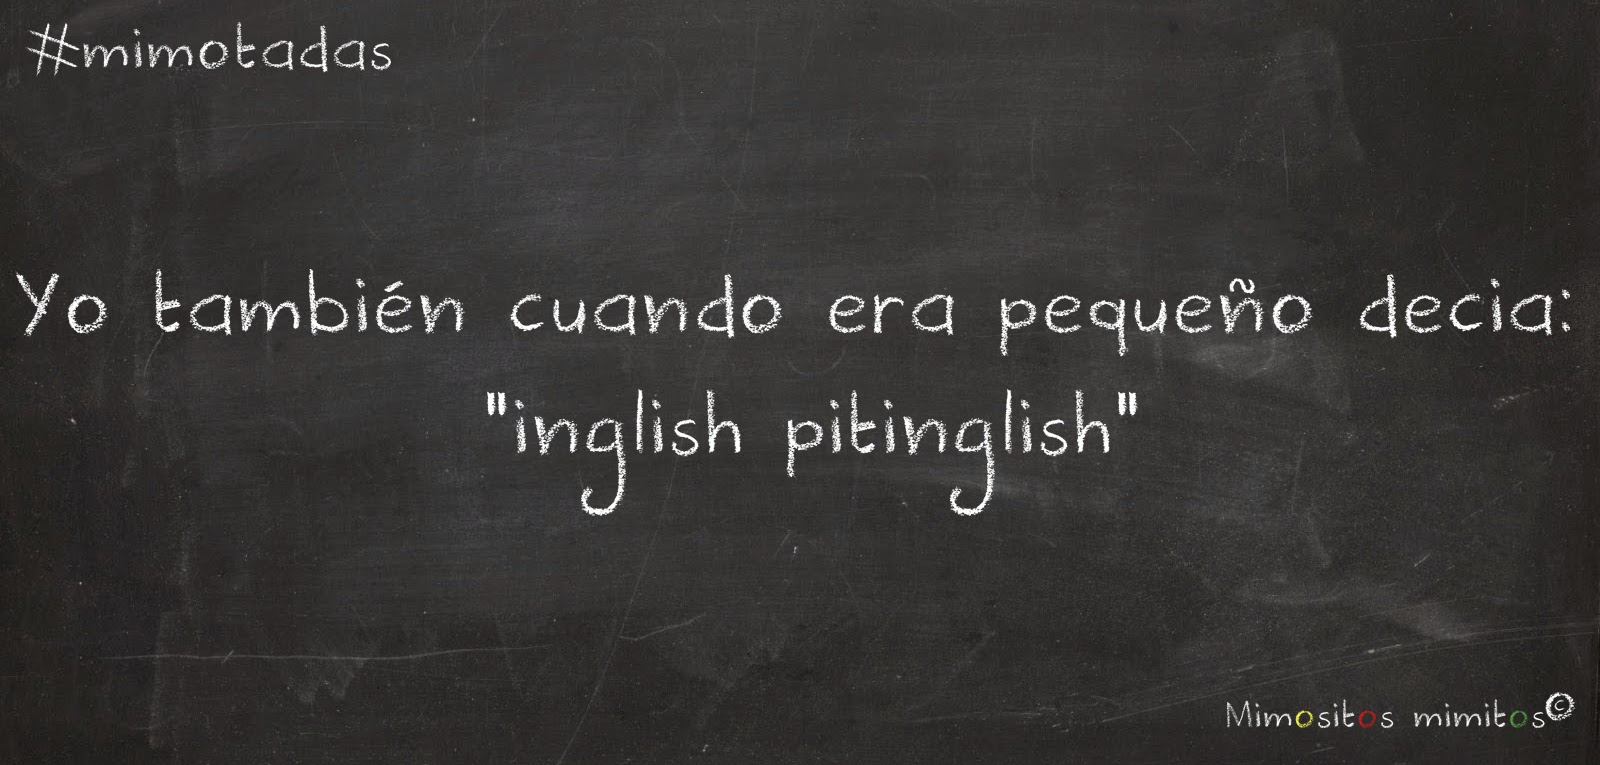 """#mimotadas Yo también cuando era pequeño decía """"inglish pitinglish"""""""